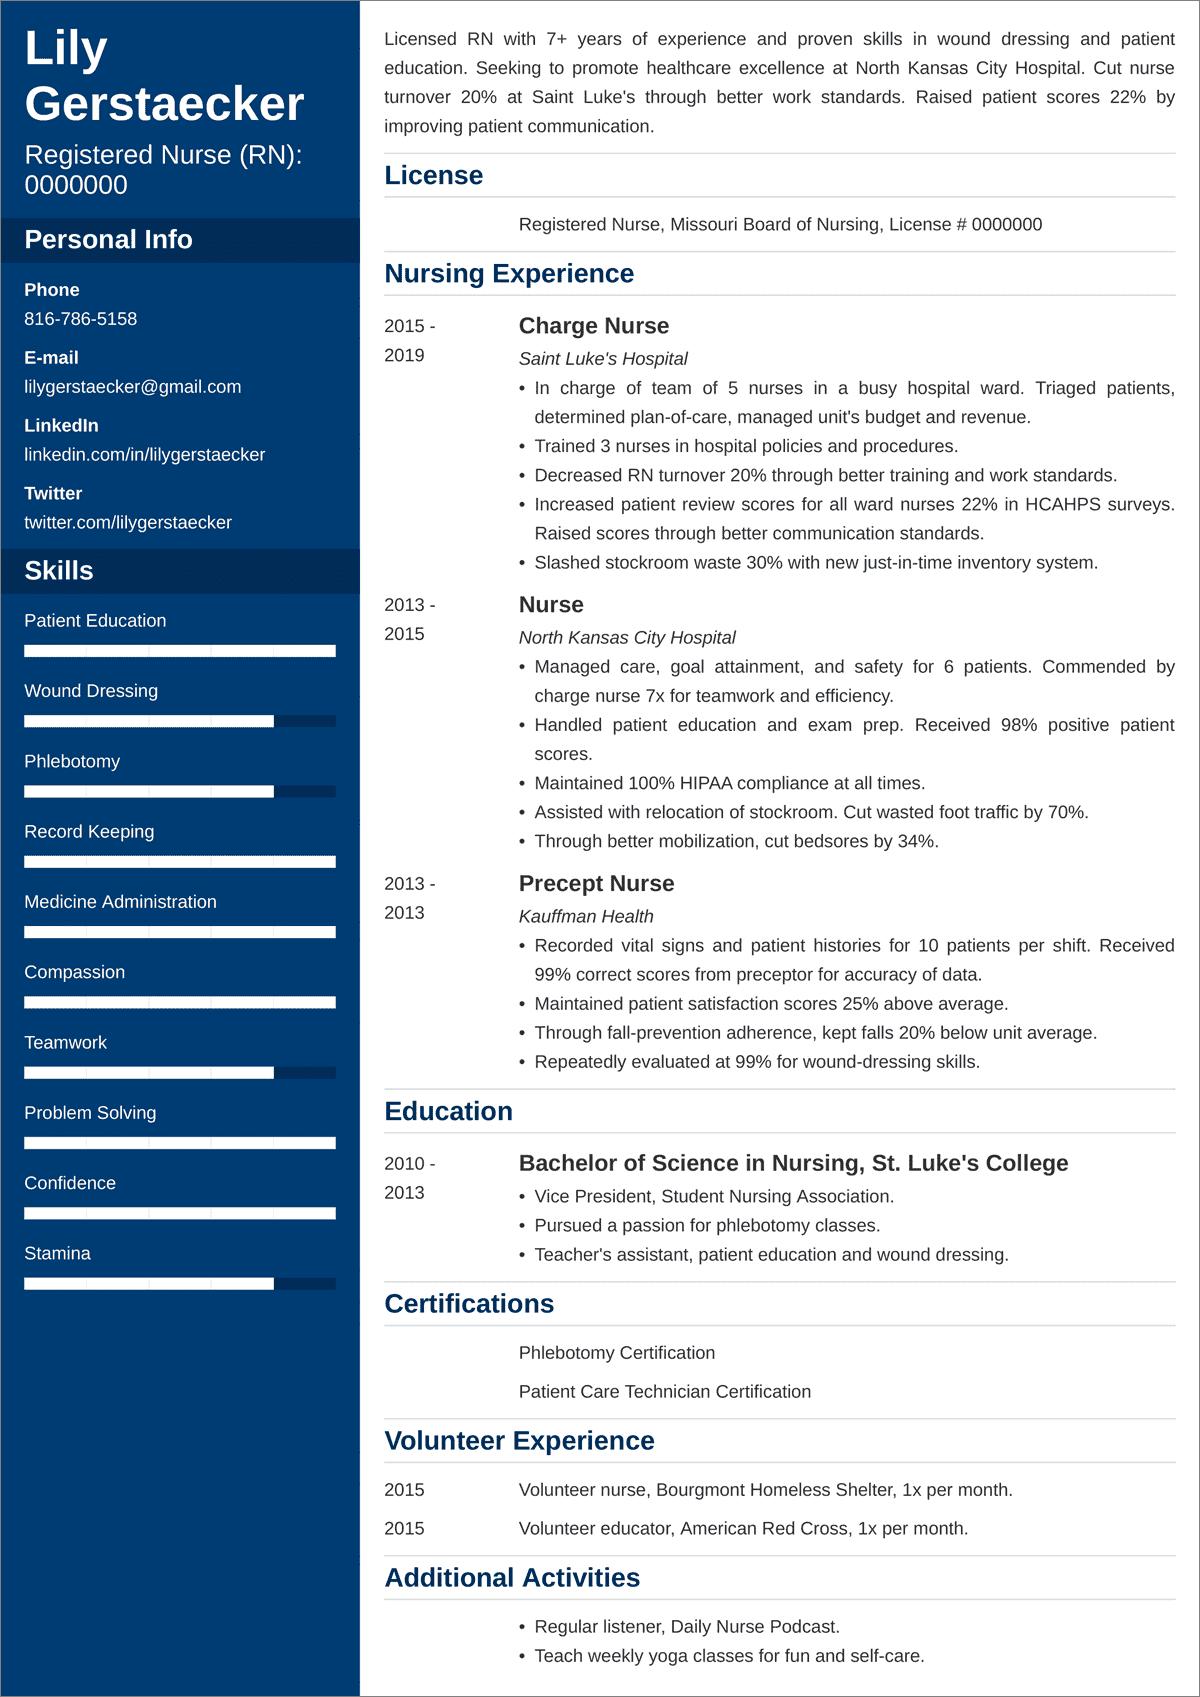 Nursing Resume Nurse Resume Examples And 25 Writing Tips